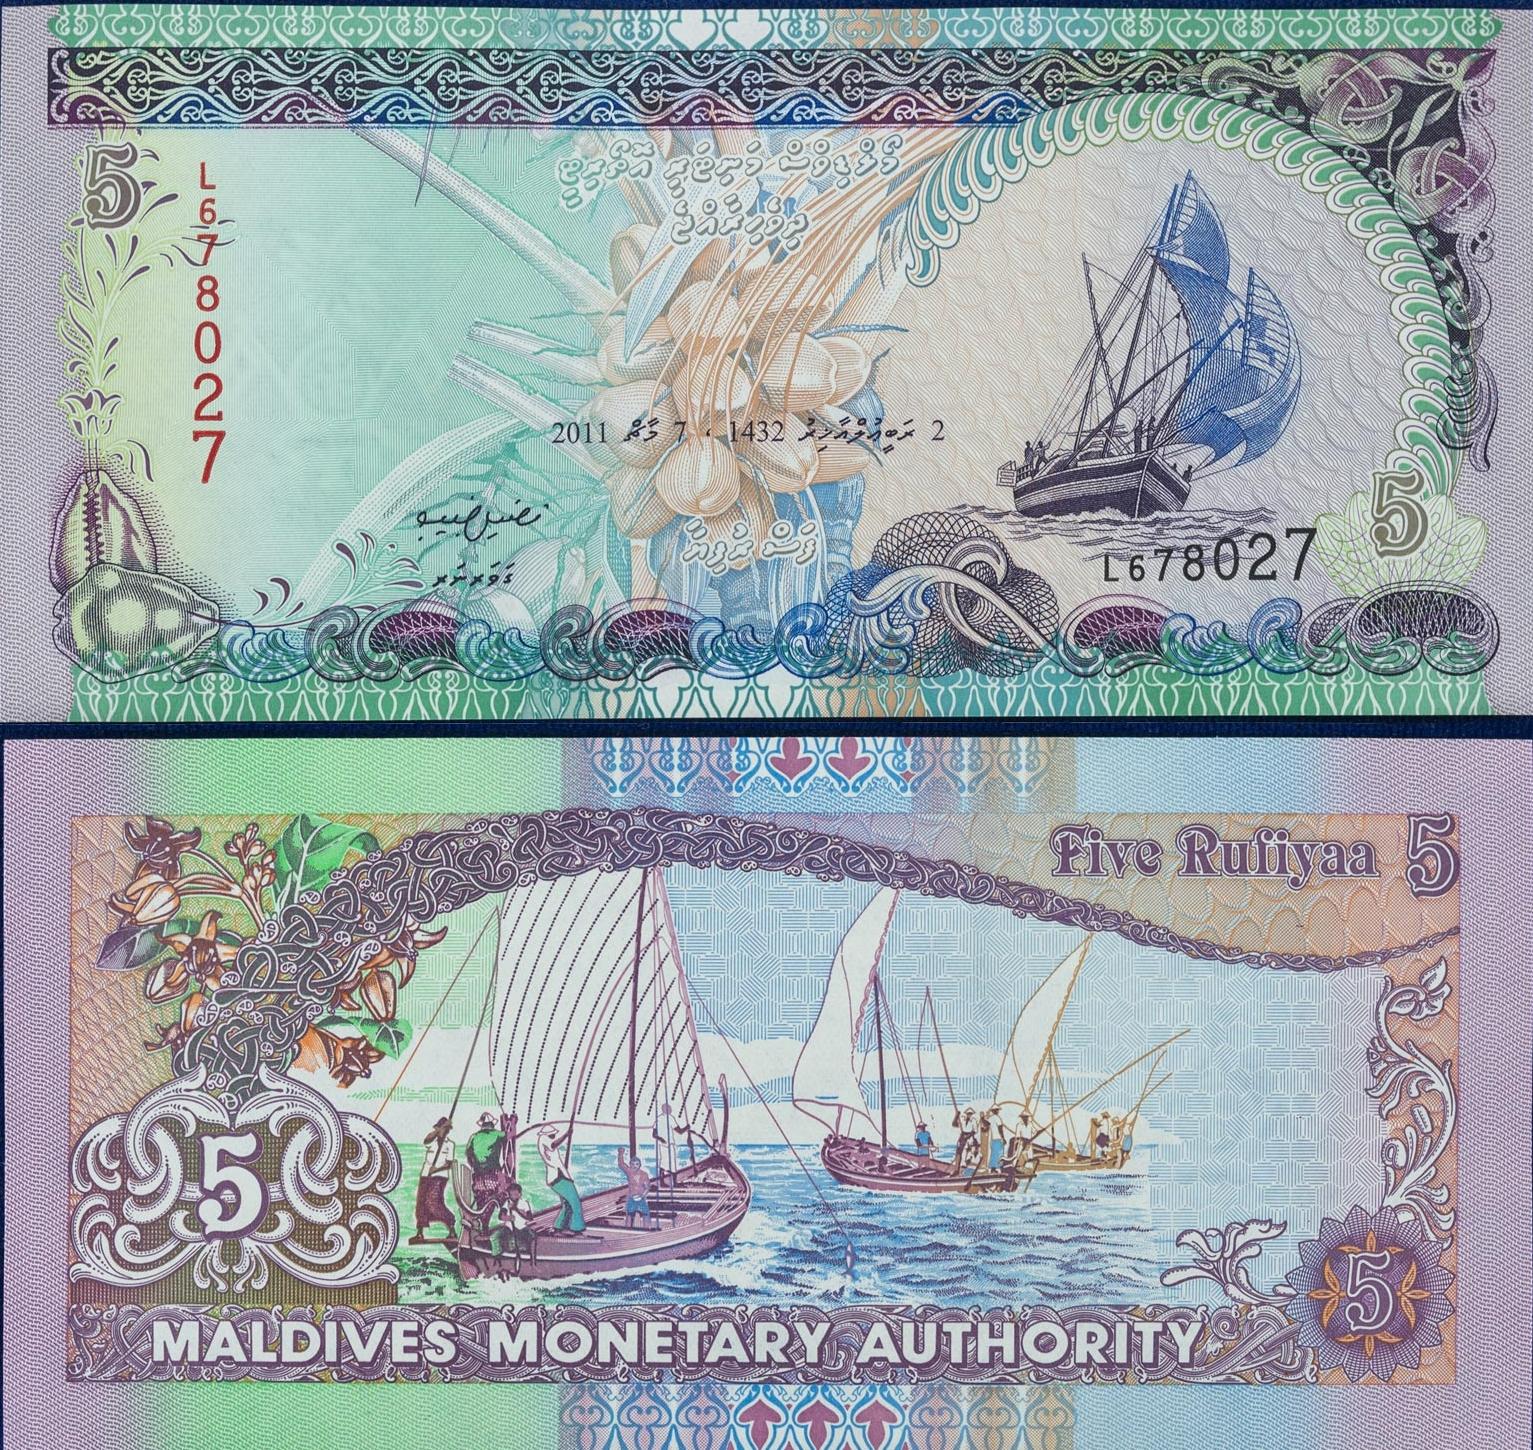 ธนบัตรประเทศ มัลดีฟส์ ชนิดราคา 5 RUFIYAA (รูฟิยา) รุ่นปี พ.ศ.2554 (ค.ศ.2011)